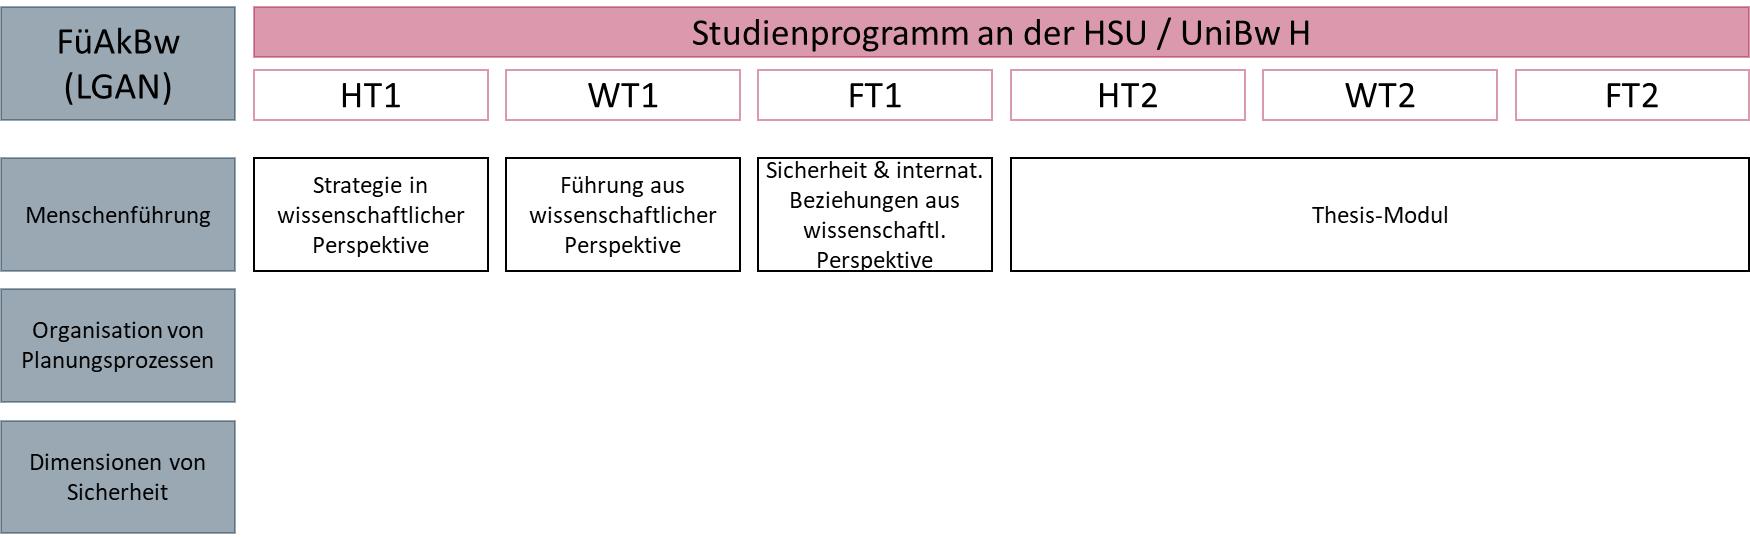 Zentrum für wissenschaftliche Weiterbildung (ZWW) der Helmut-Schmidt Universität / Universität der Bundeswehr Hamburg (HSU / UniBw H), Weiterbildung Master-Studiengang Militärische Führung und internationale Sicherheit (MFIS)